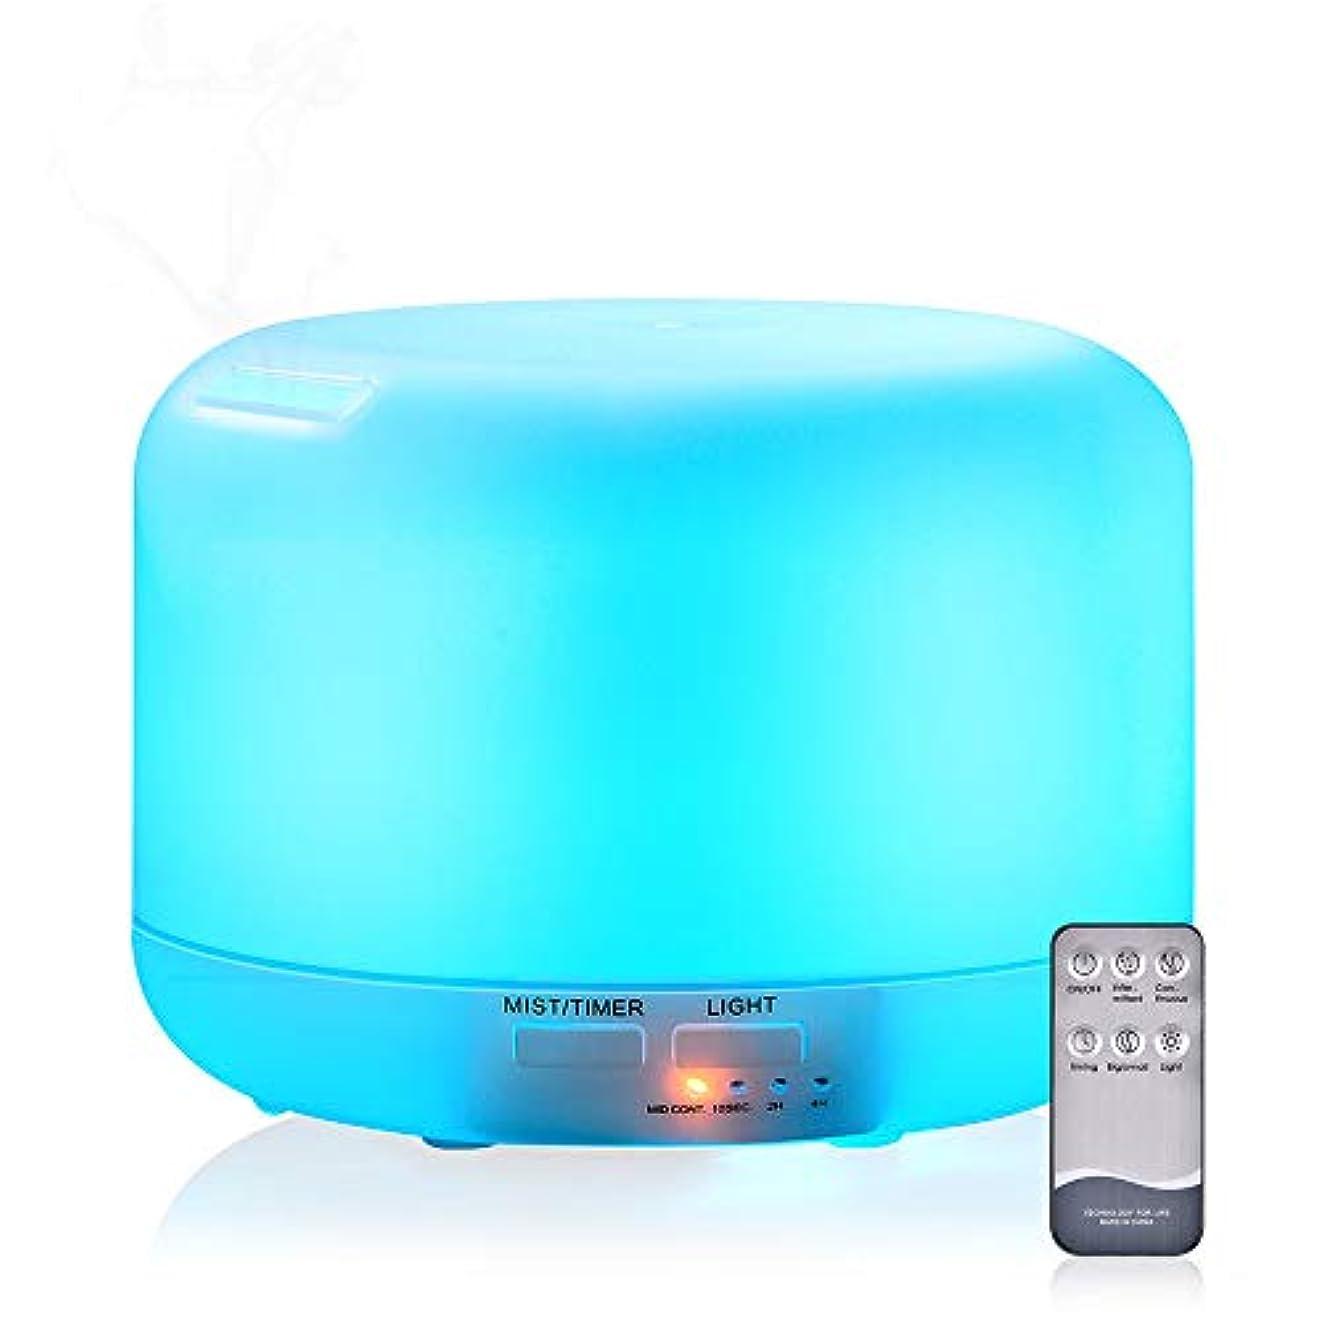 教請求書スカウト500ミリメートルリモコン空気アロマ超音波加湿器カラーLEDライト電気アロマセラピーエッセンシャルオイルディフューザー